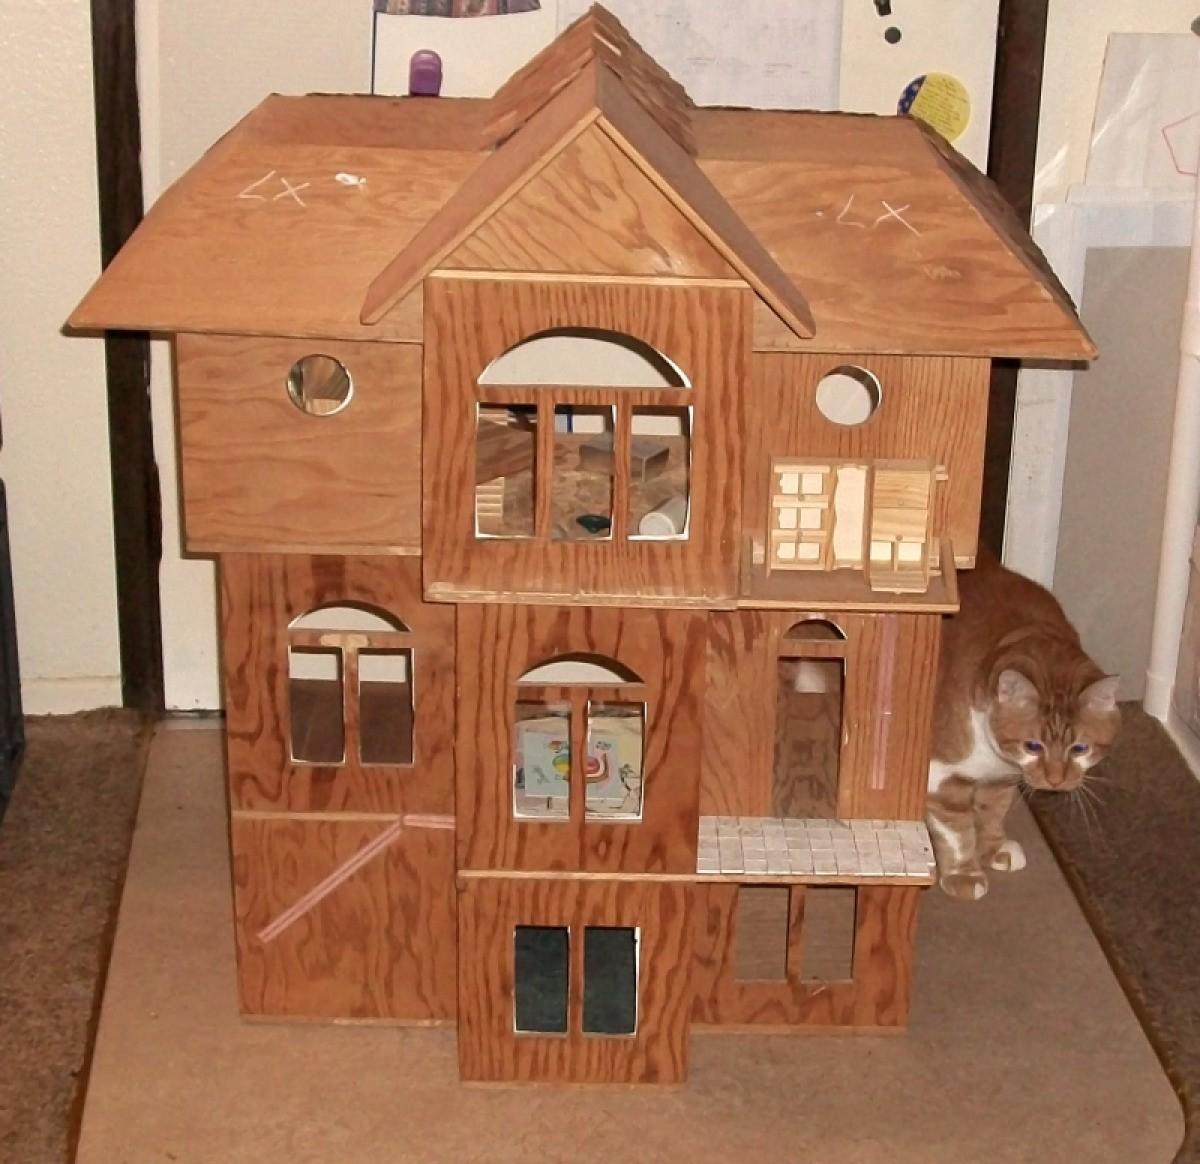 Furnishing a Dollhouse | ThriftyFun